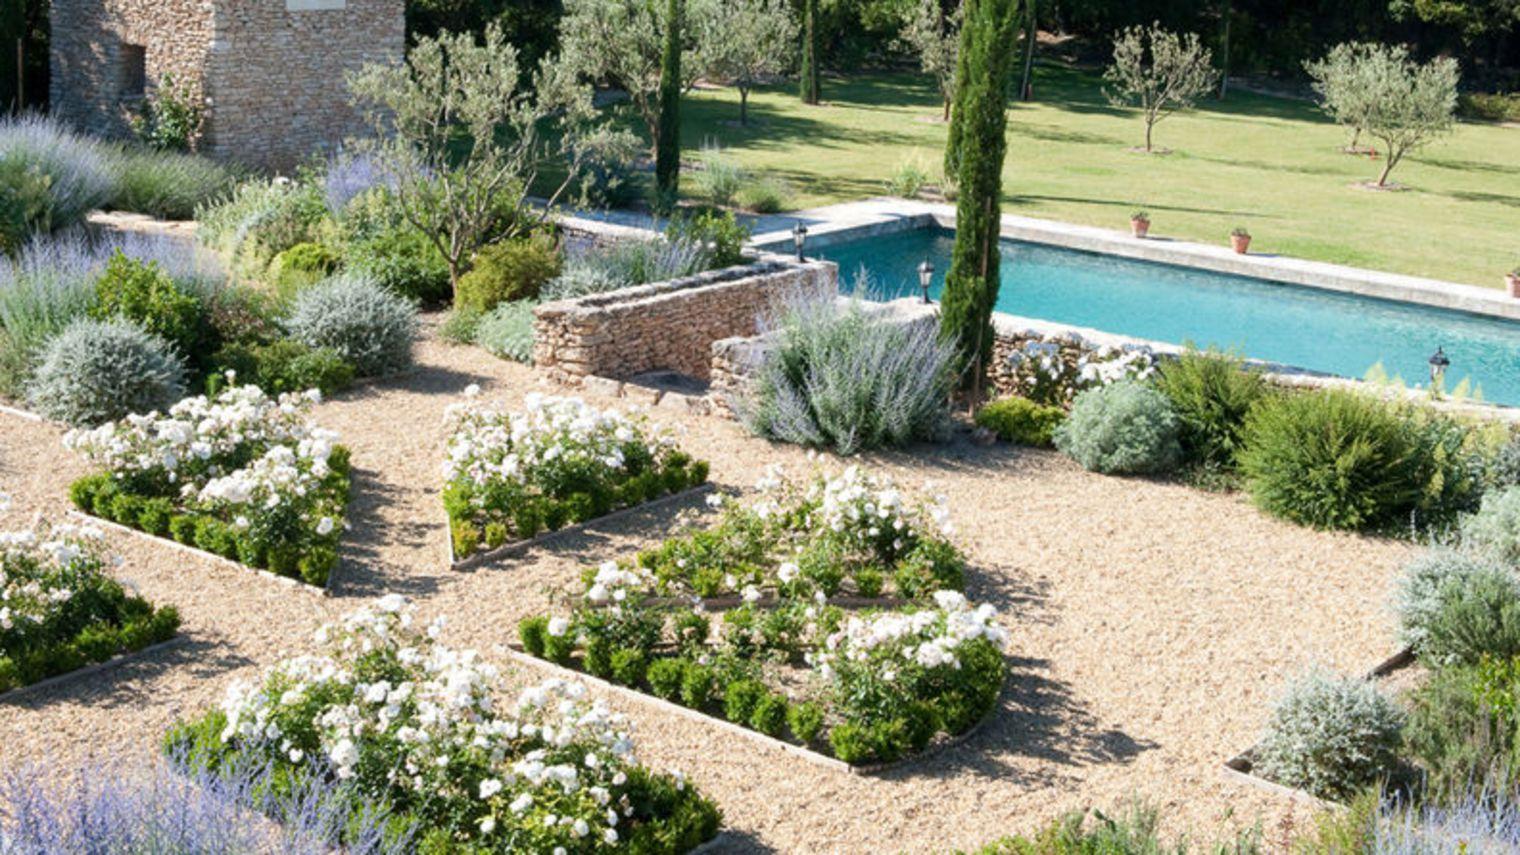 Conseils Pour Installer Un Jardin Sec - Toutemamaison tout Creer Un Jardin Sec